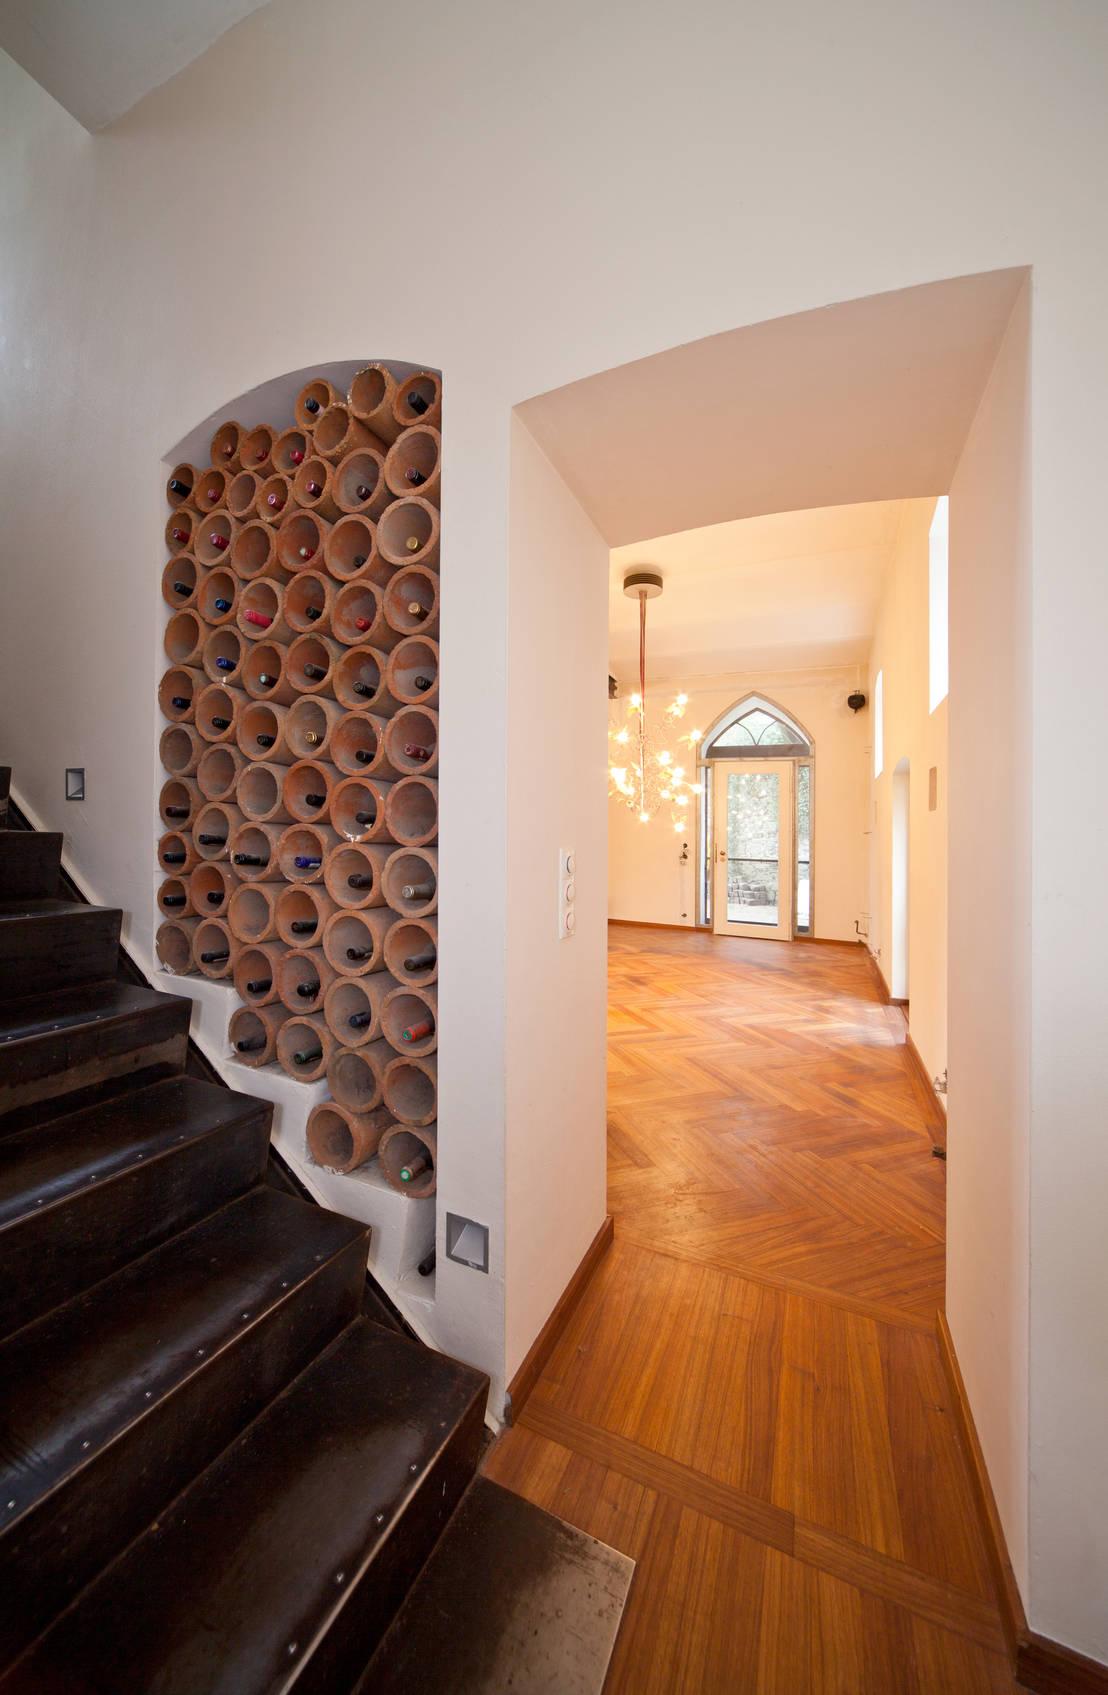 treppenhaus gestaltung mit marmorputz gesindehaus bad hnningen von einwandfrei innovative malerarbeiten ohg homify - Wandgestaltung Treppenhaus Einfamilienhaus